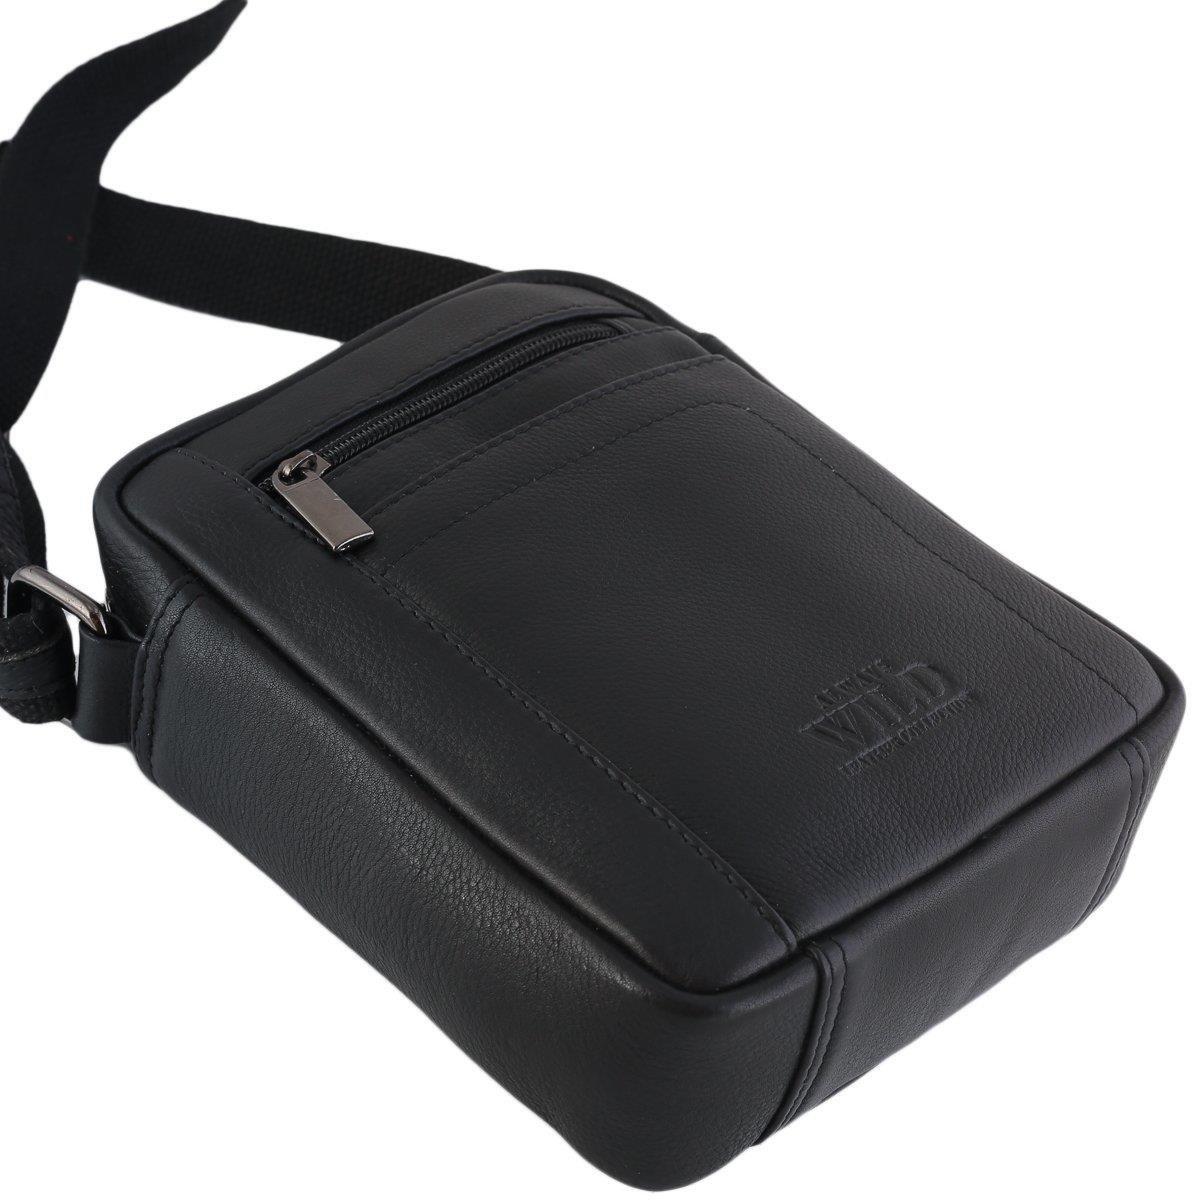 Skórzana niewielka listonoszka, torebka na ramię